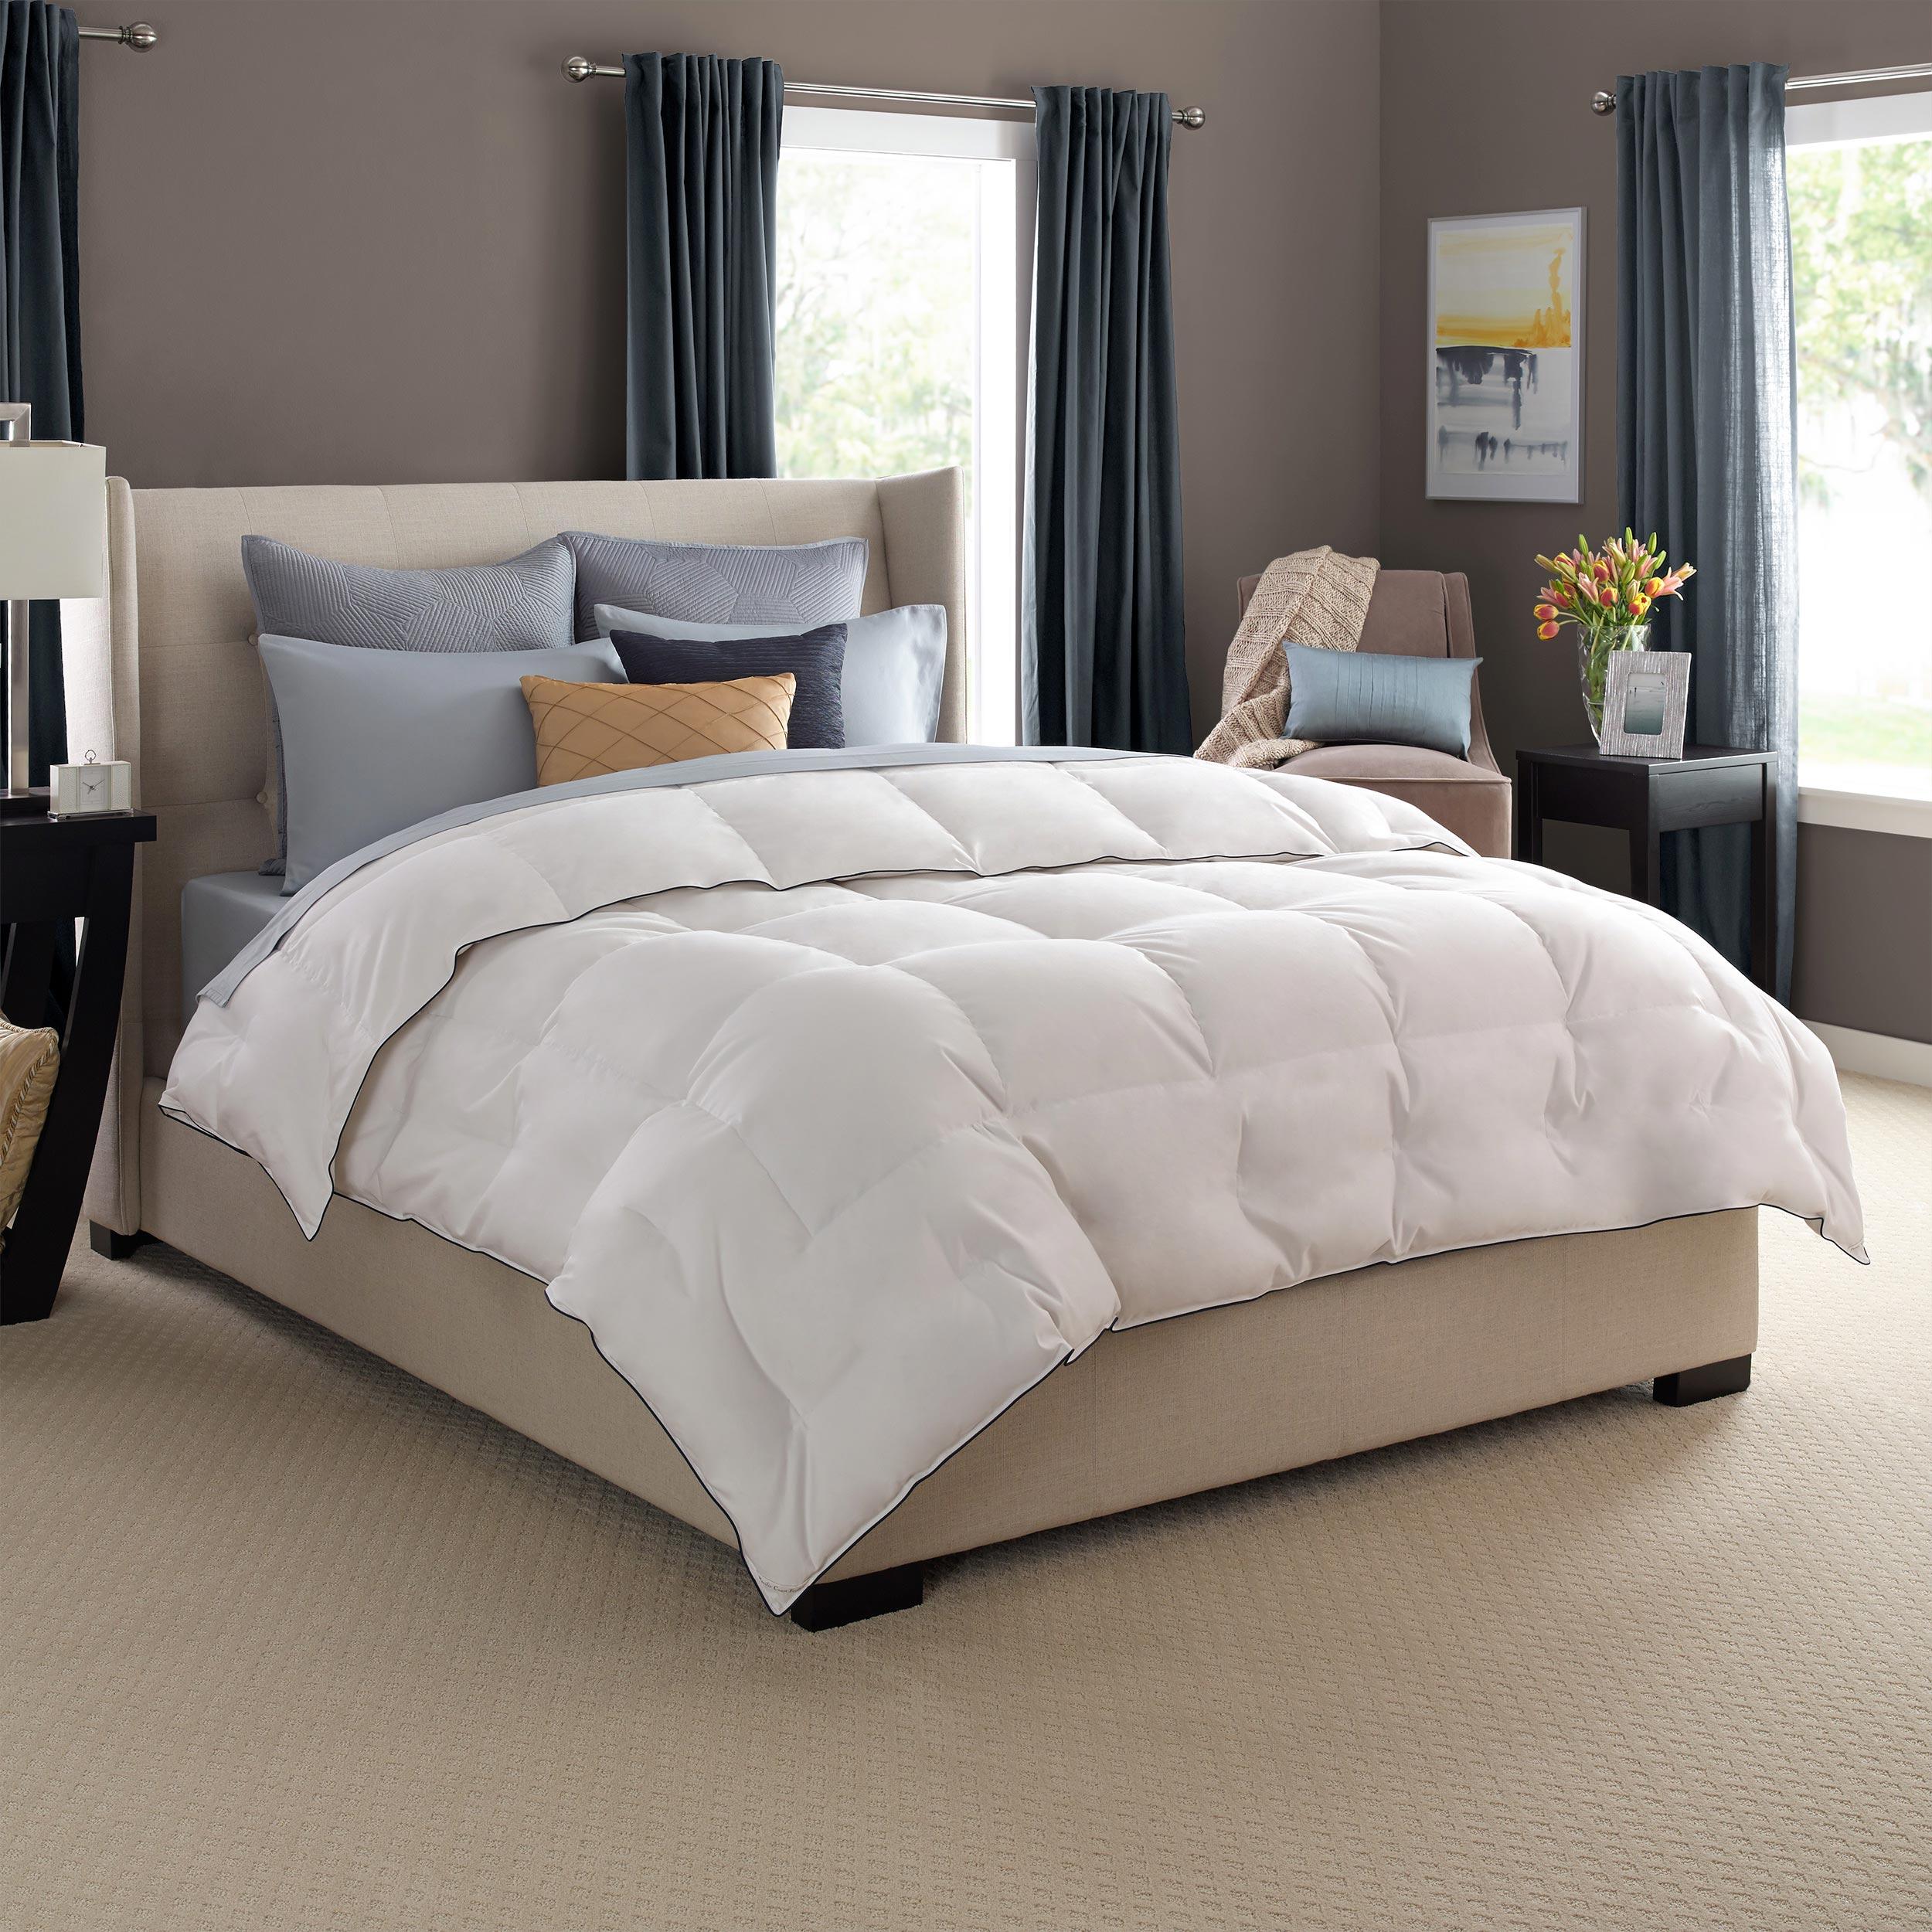 Pacific Coast® Online Bedding Stores Comforters